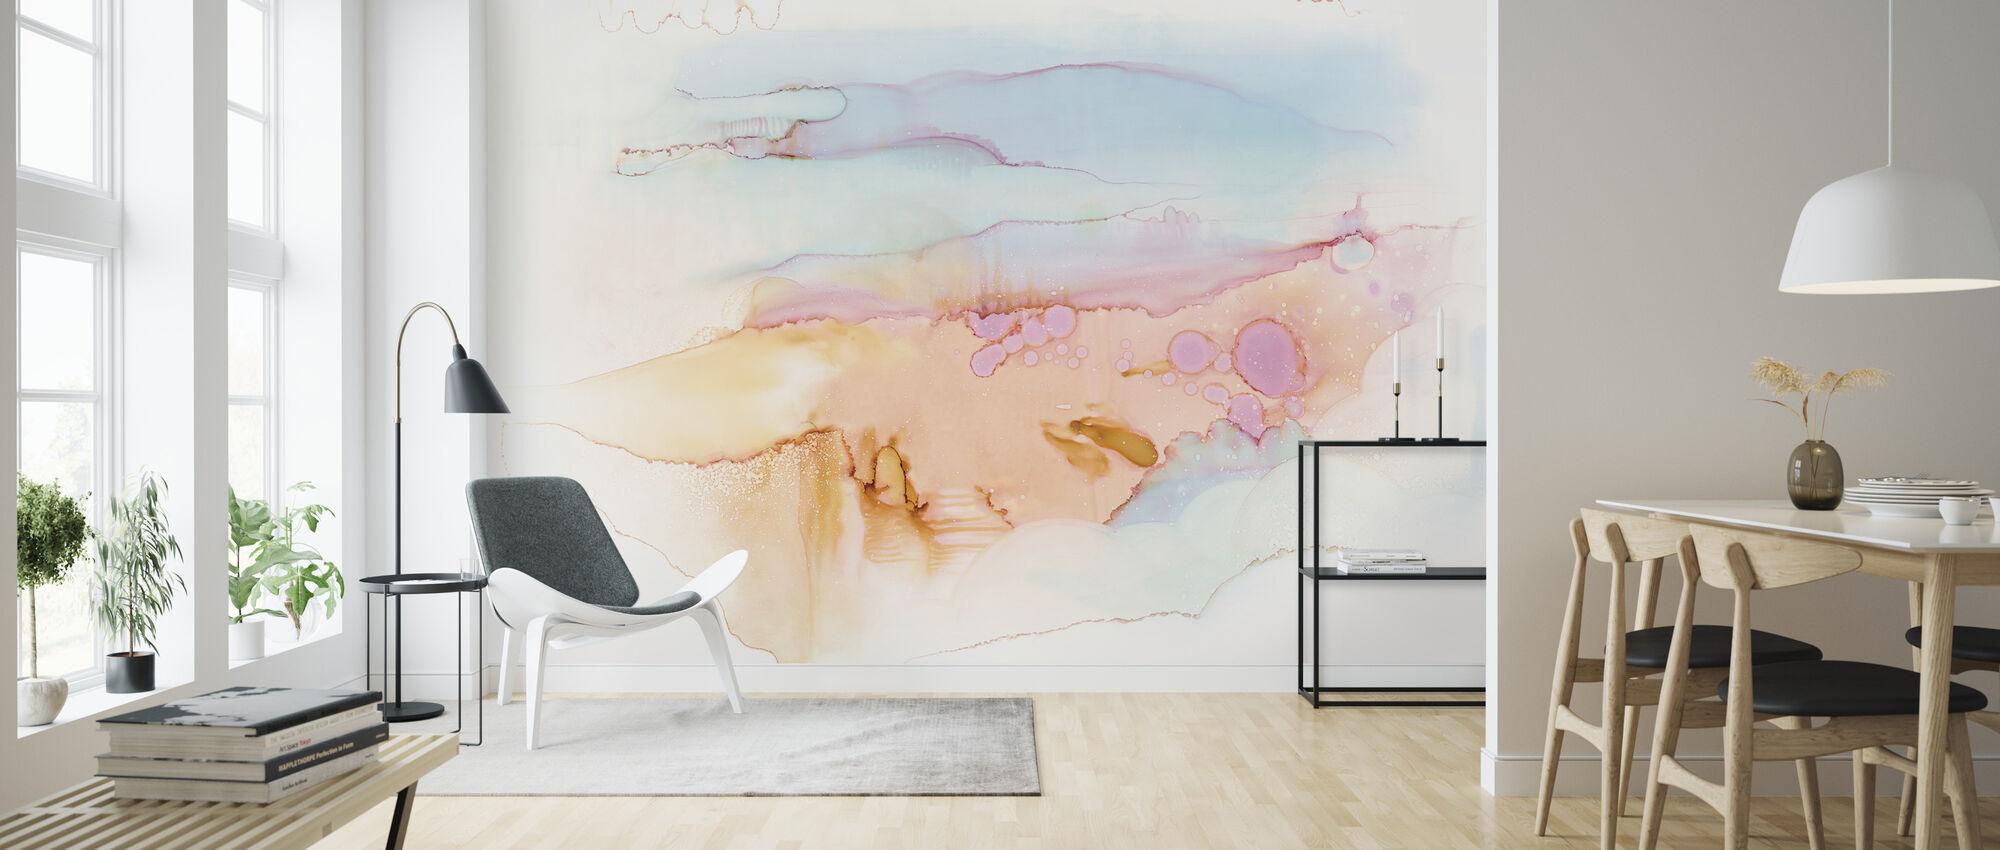 Mist in the Morning - Wallpaper - Living Room